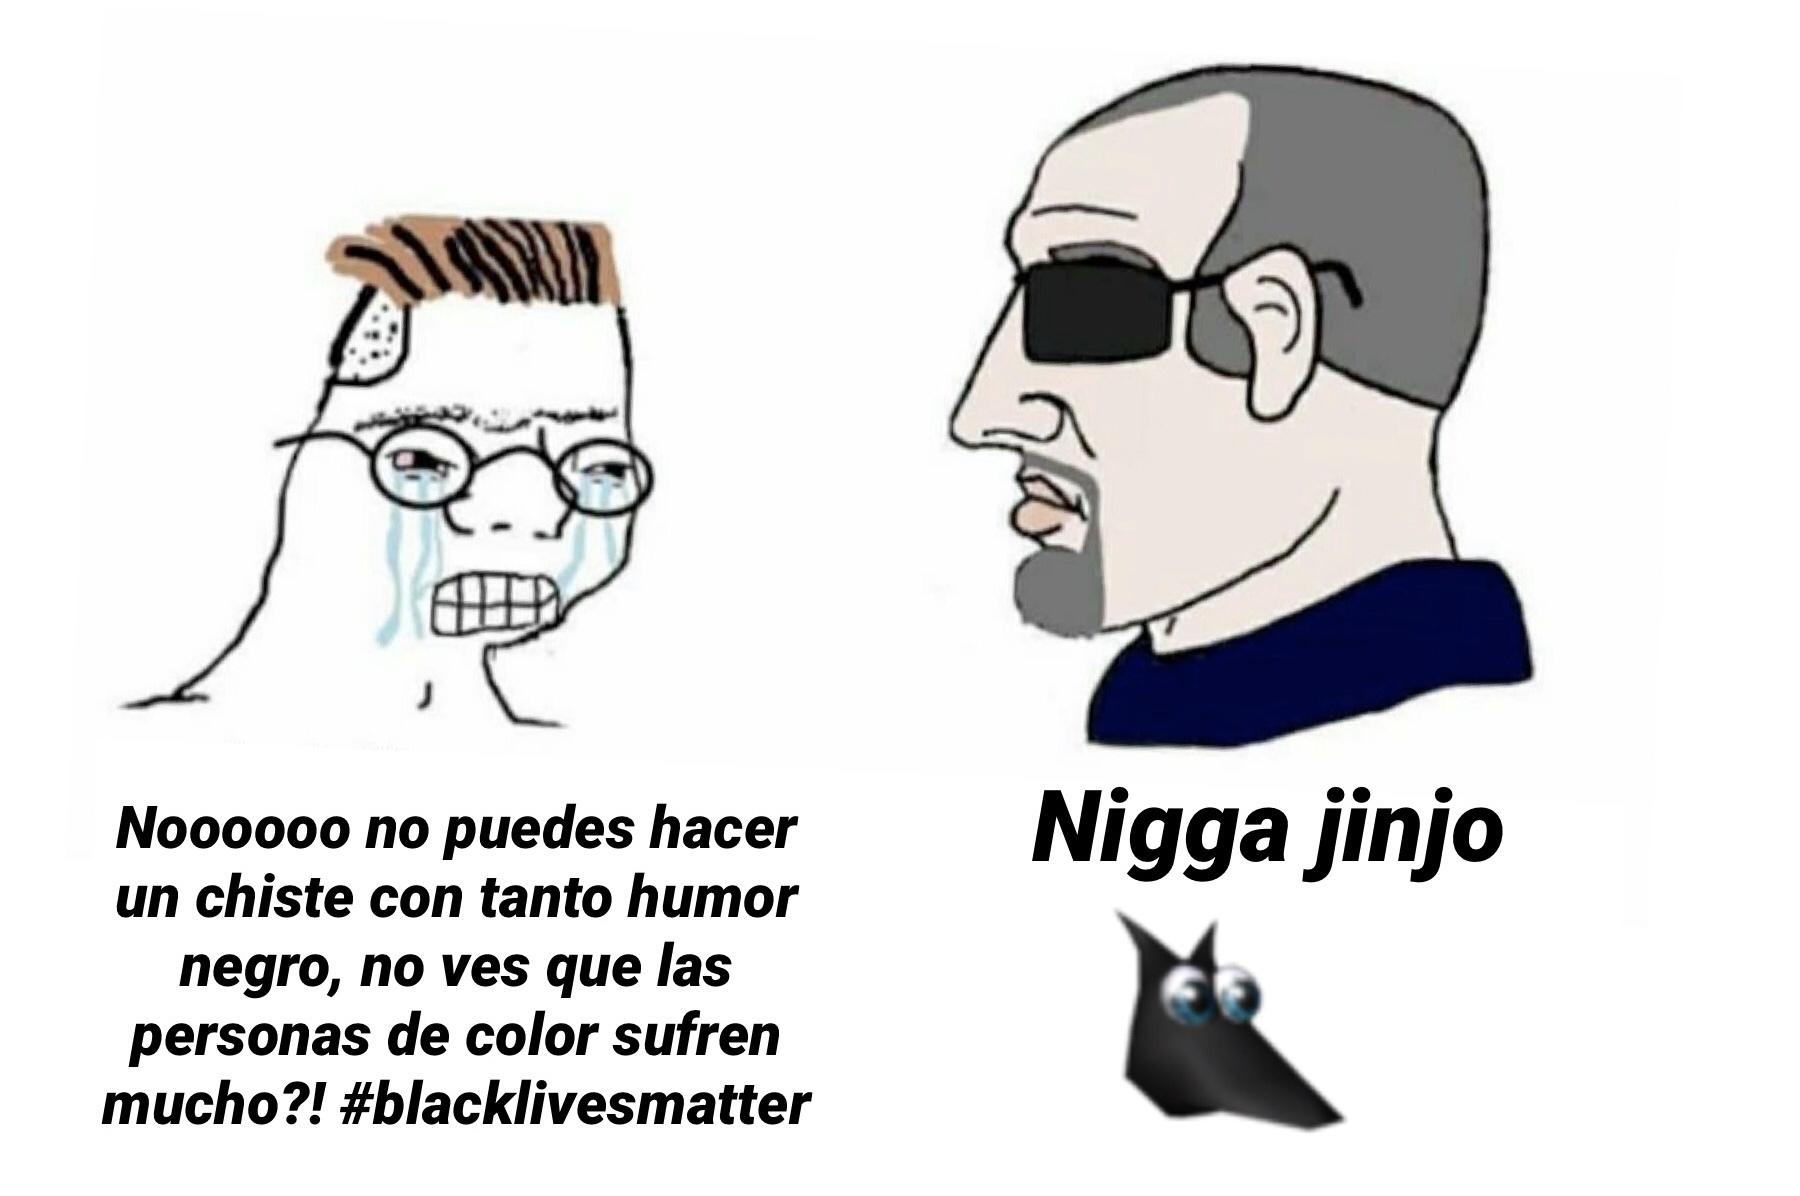 Es tan negro que iba a usar una foto con fondo negro y no pude recortar bien porque estaba bien negro xd - meme